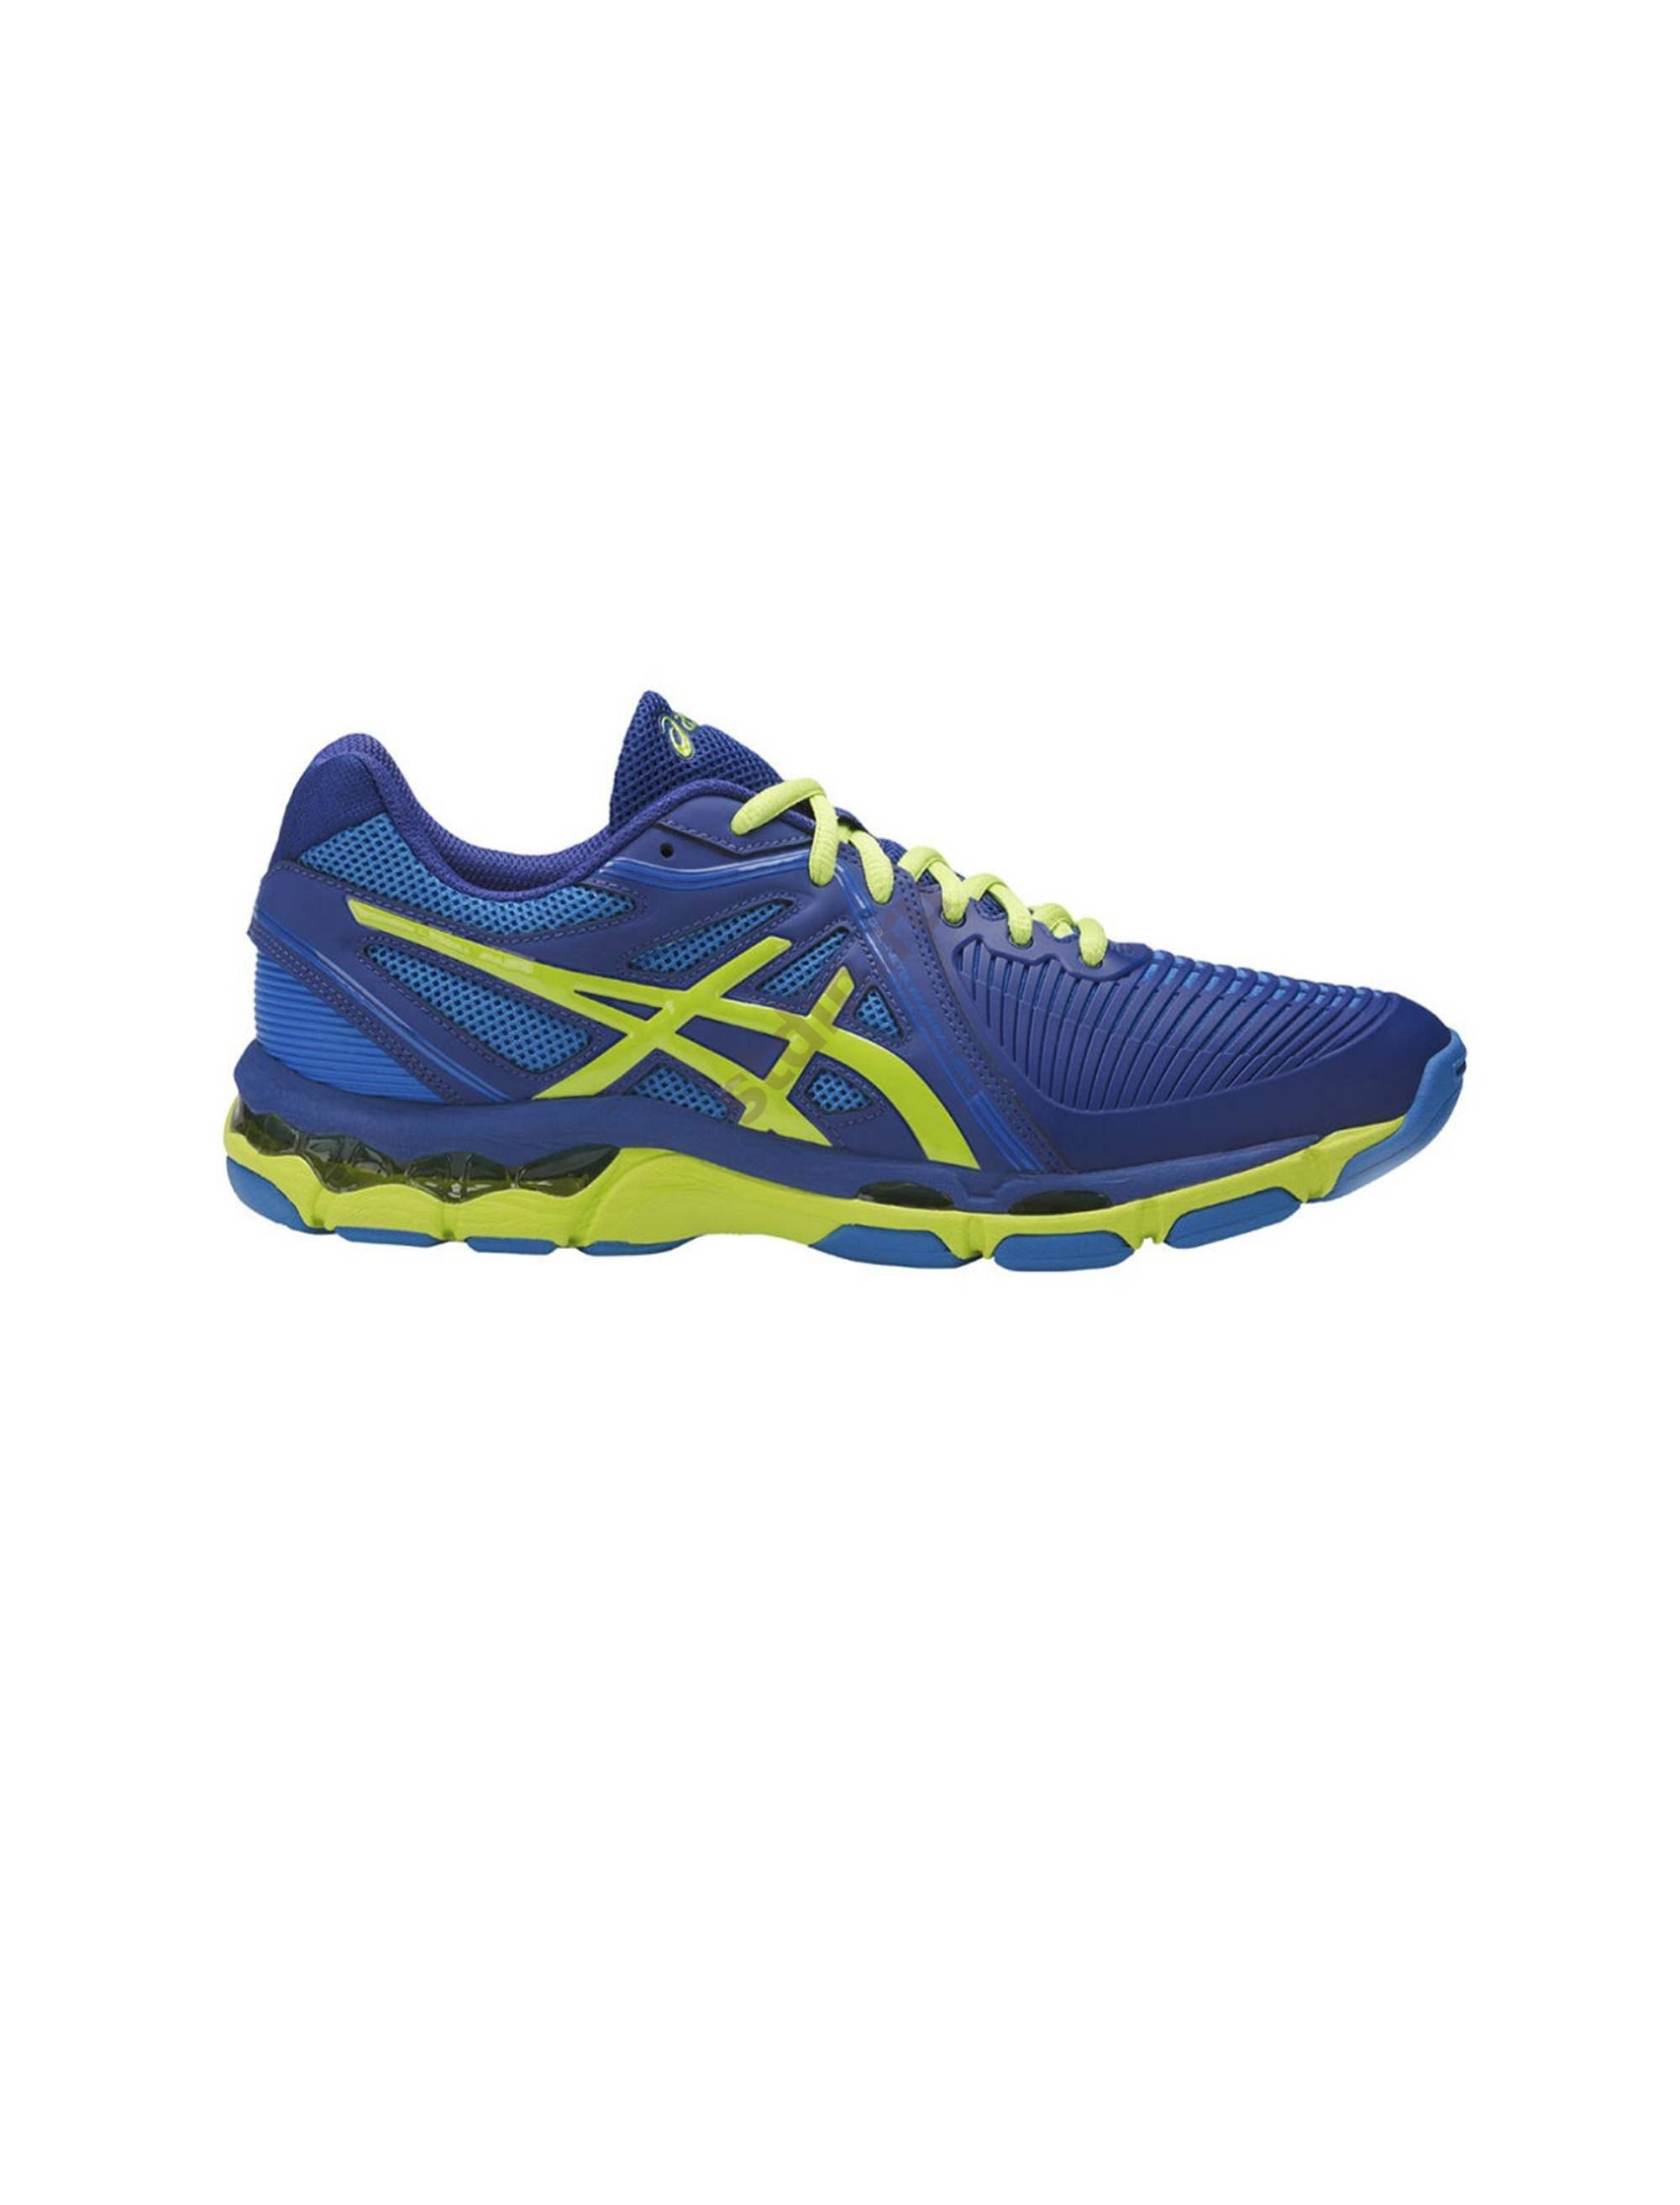 قیمت کفش والیبال بندی مردانه GLNTBRNRBLLSTC - اسیکس